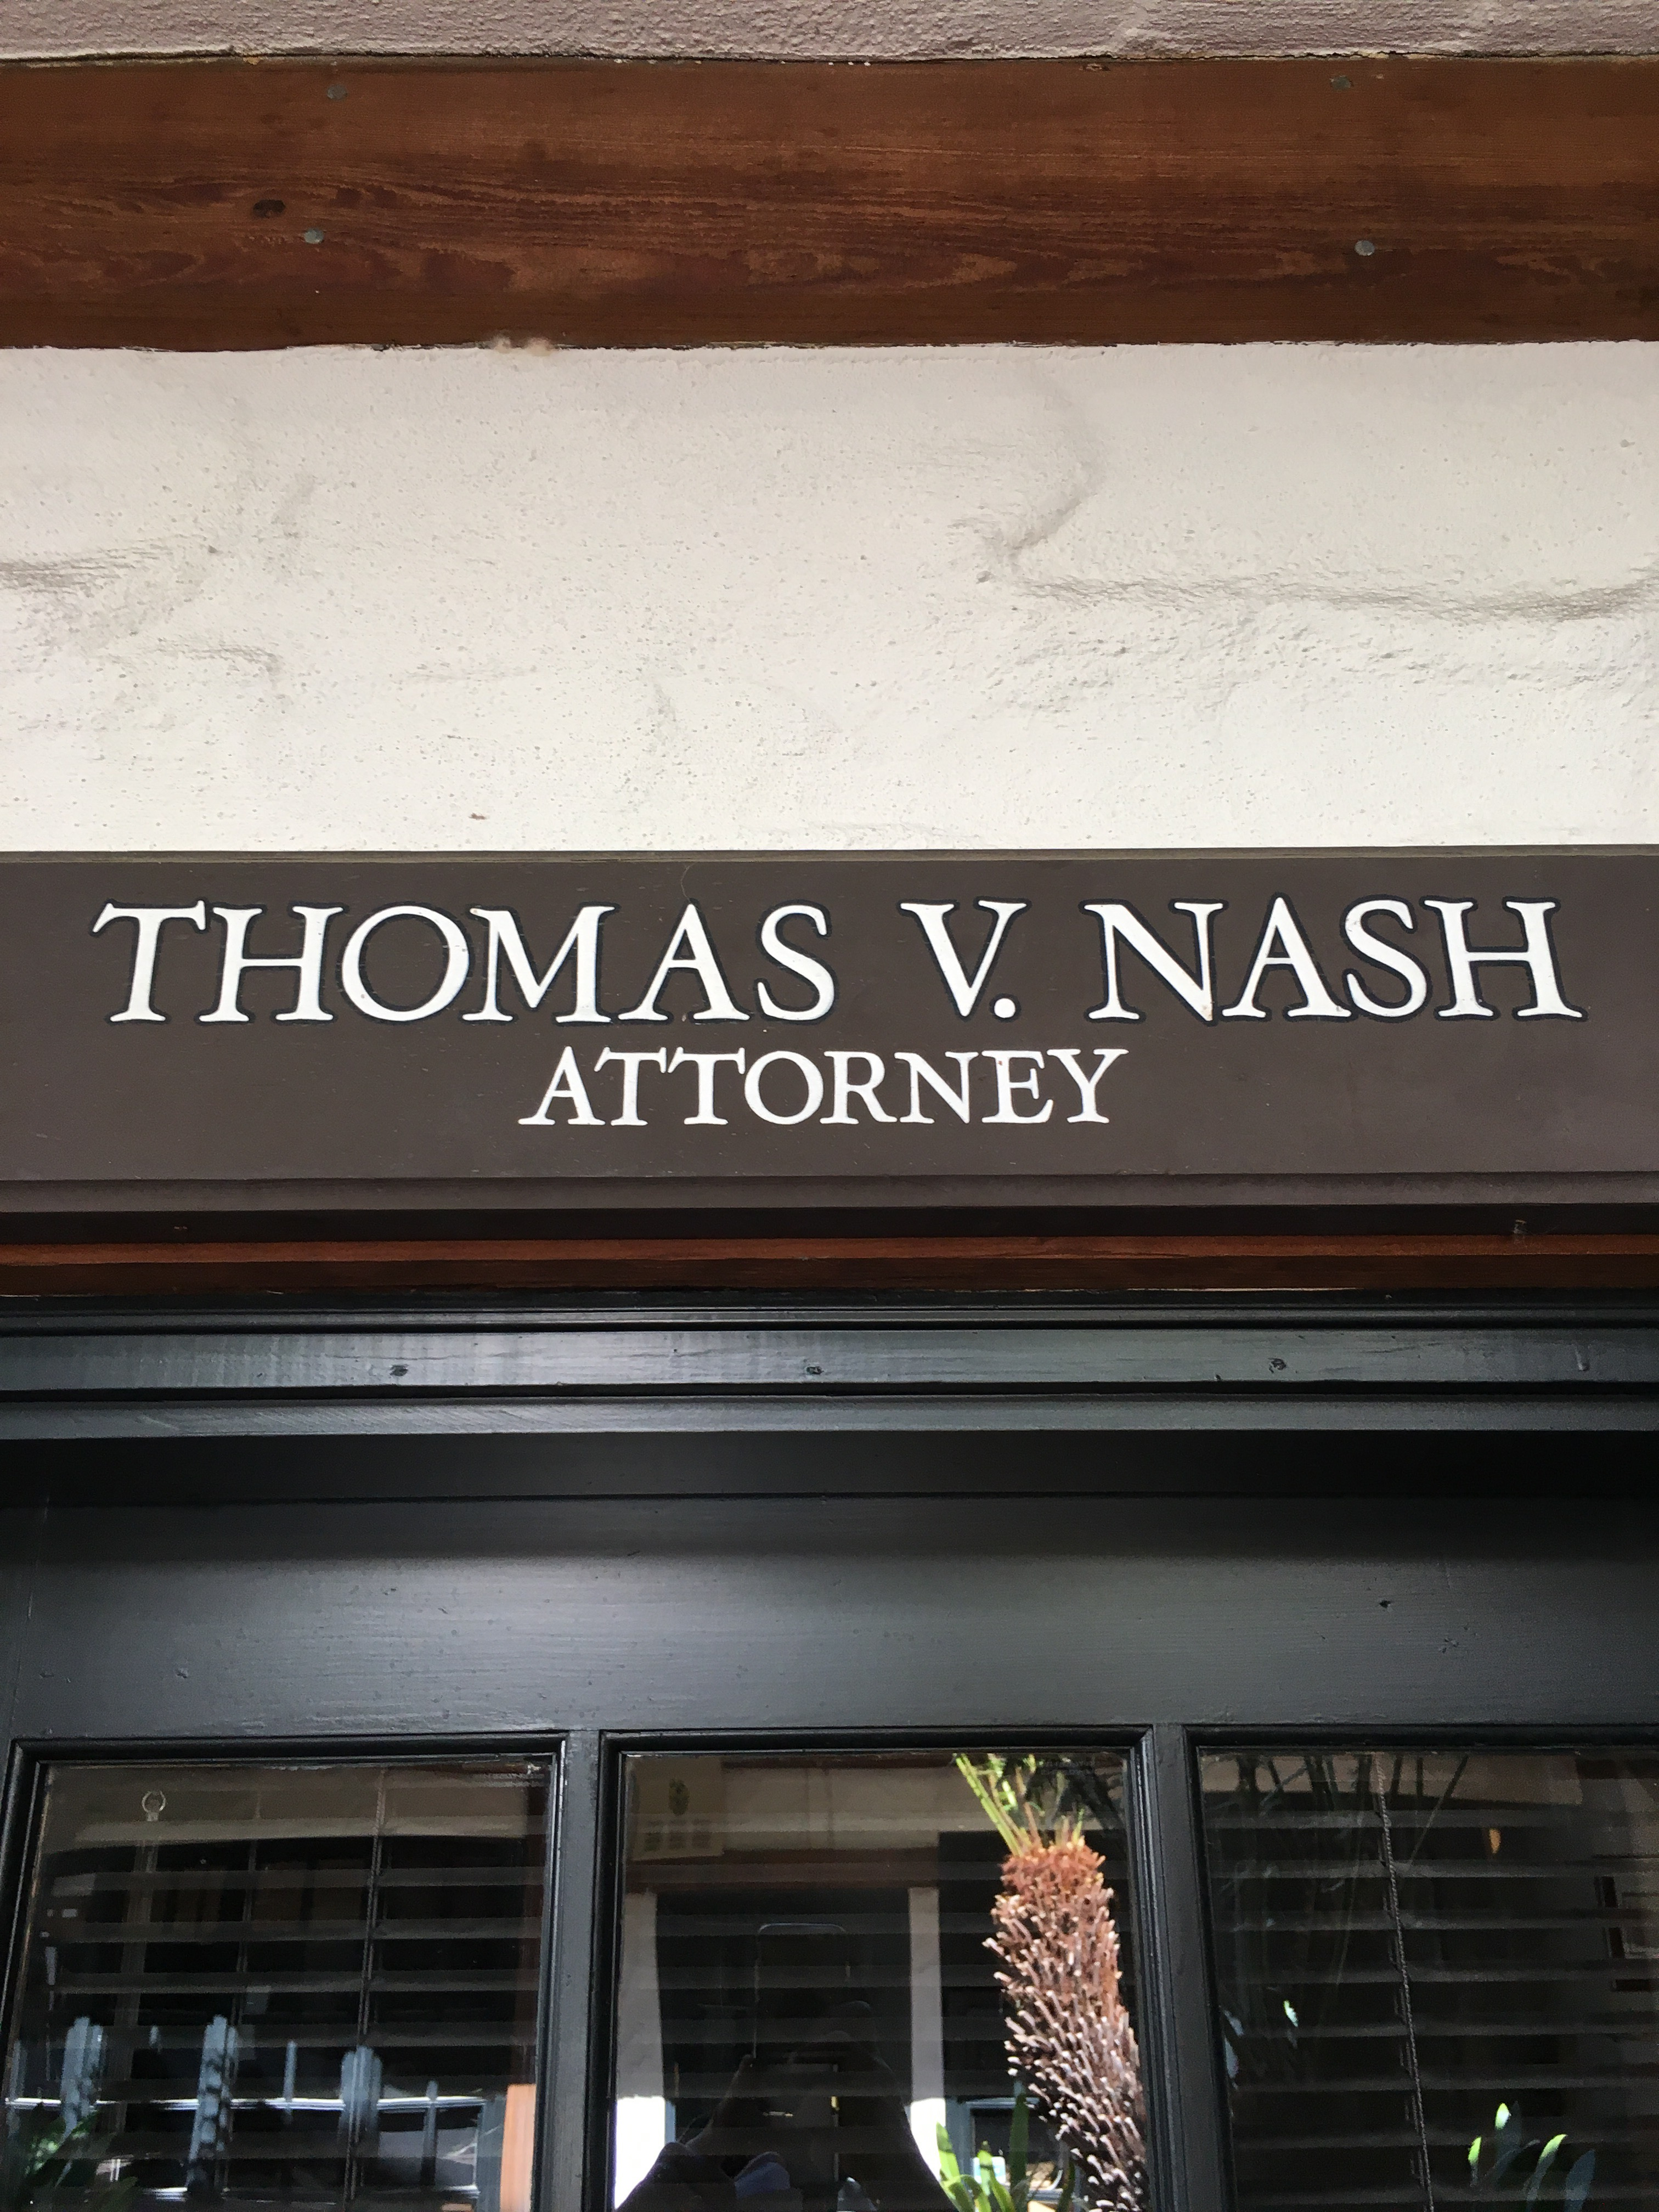 Thomas V Nash Attorney